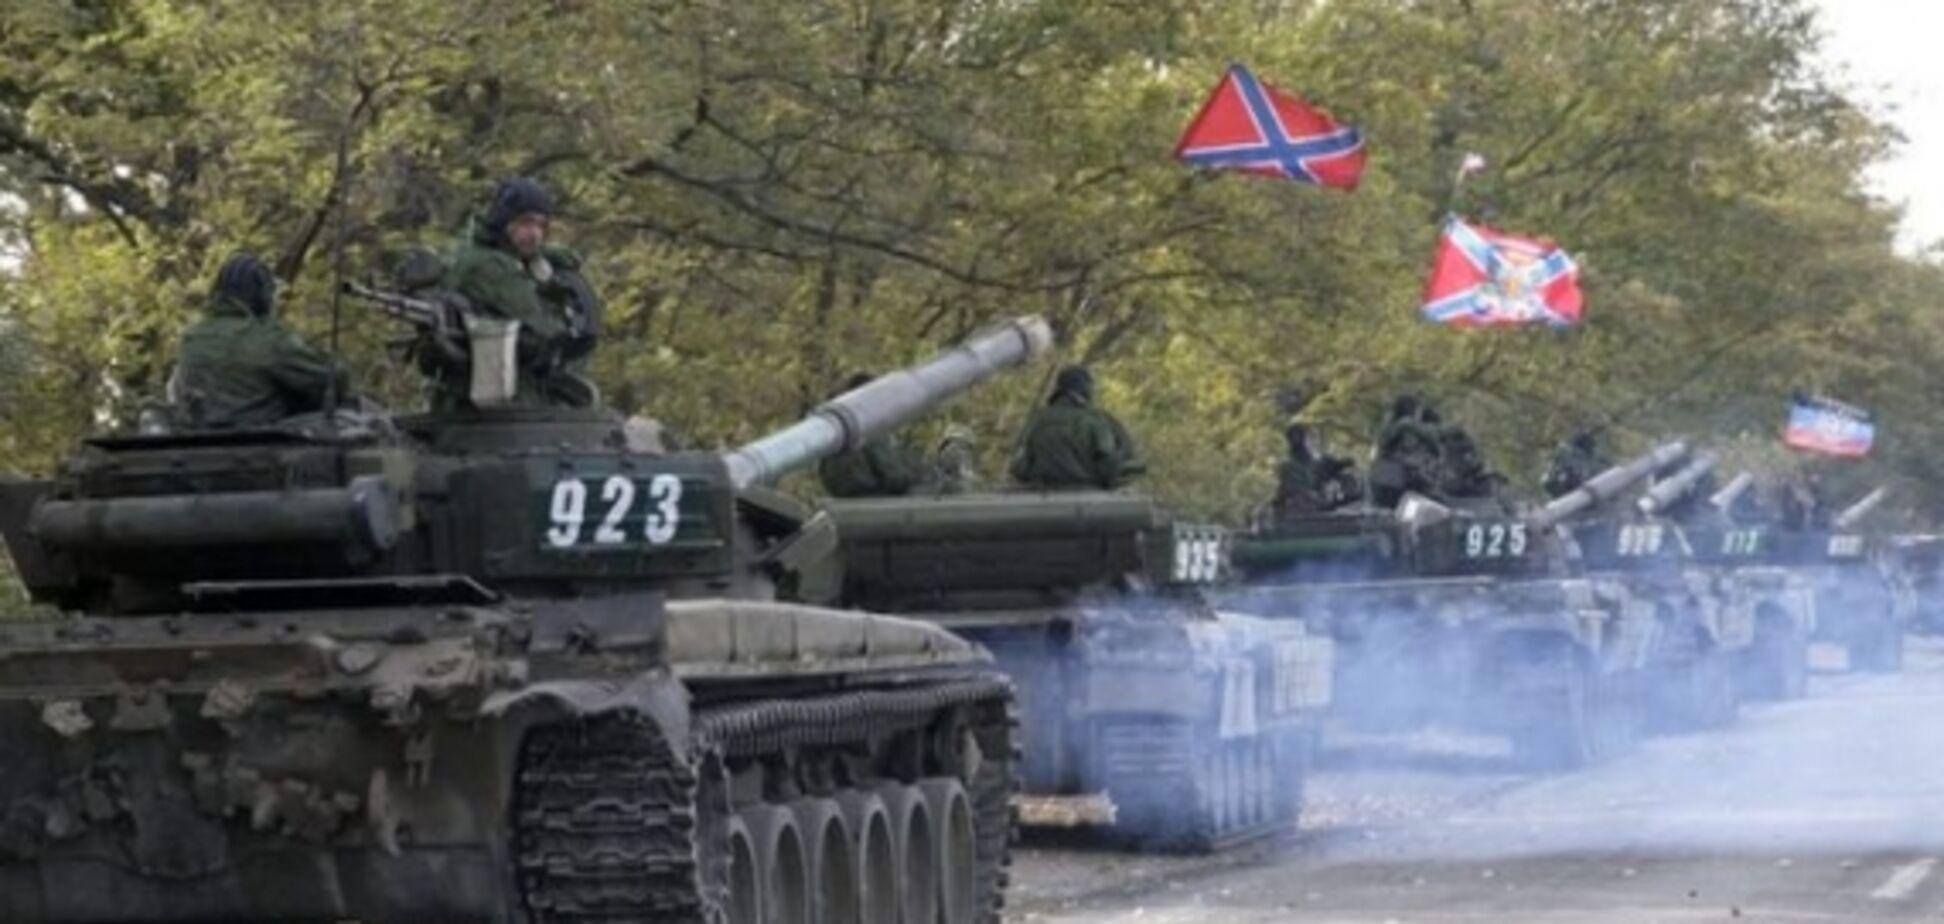 'Третя сила' вистежила: на Донбасі знищили БМП терористів